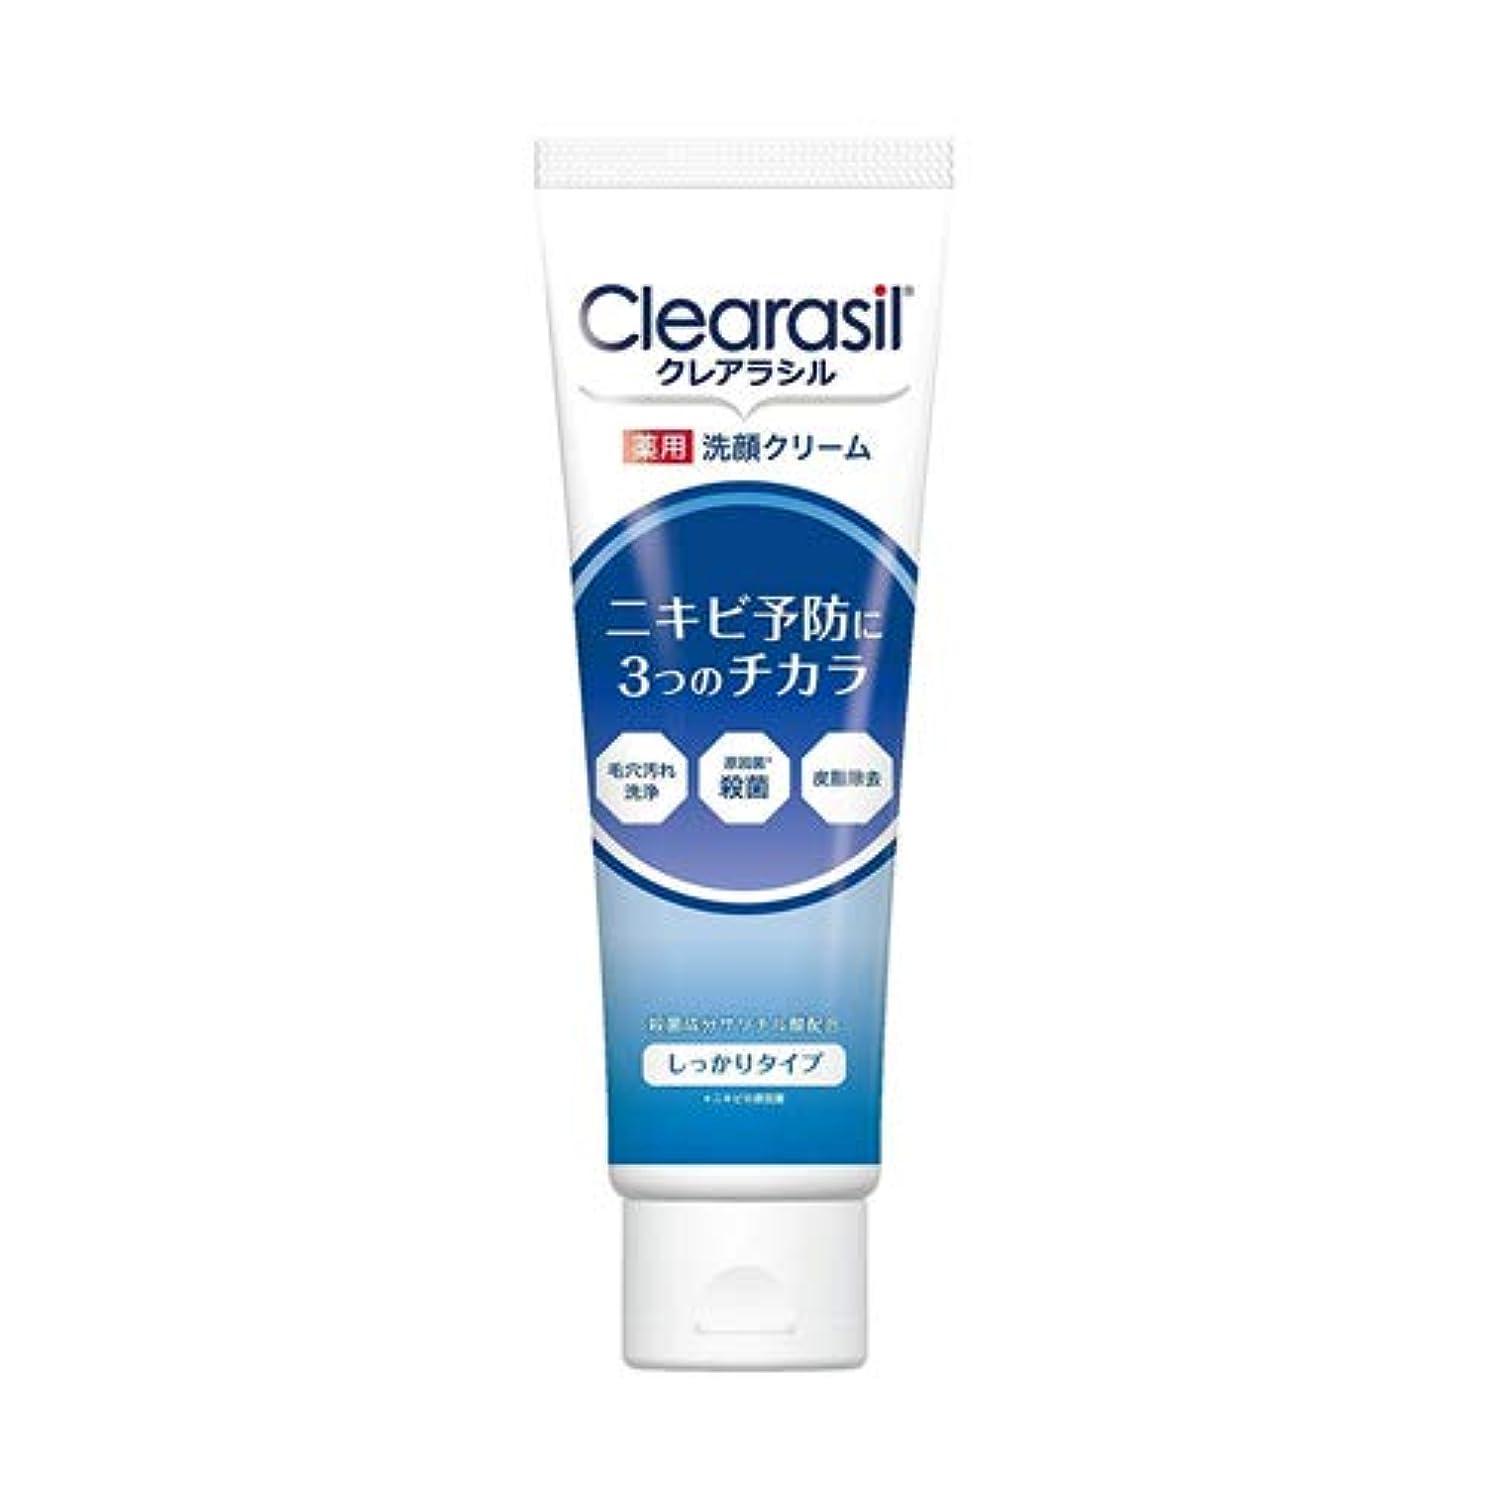 ボア満州効率的にクレアラシル 薬用 洗顔クリーム しっかりタイプ 120g 【医薬部外品】